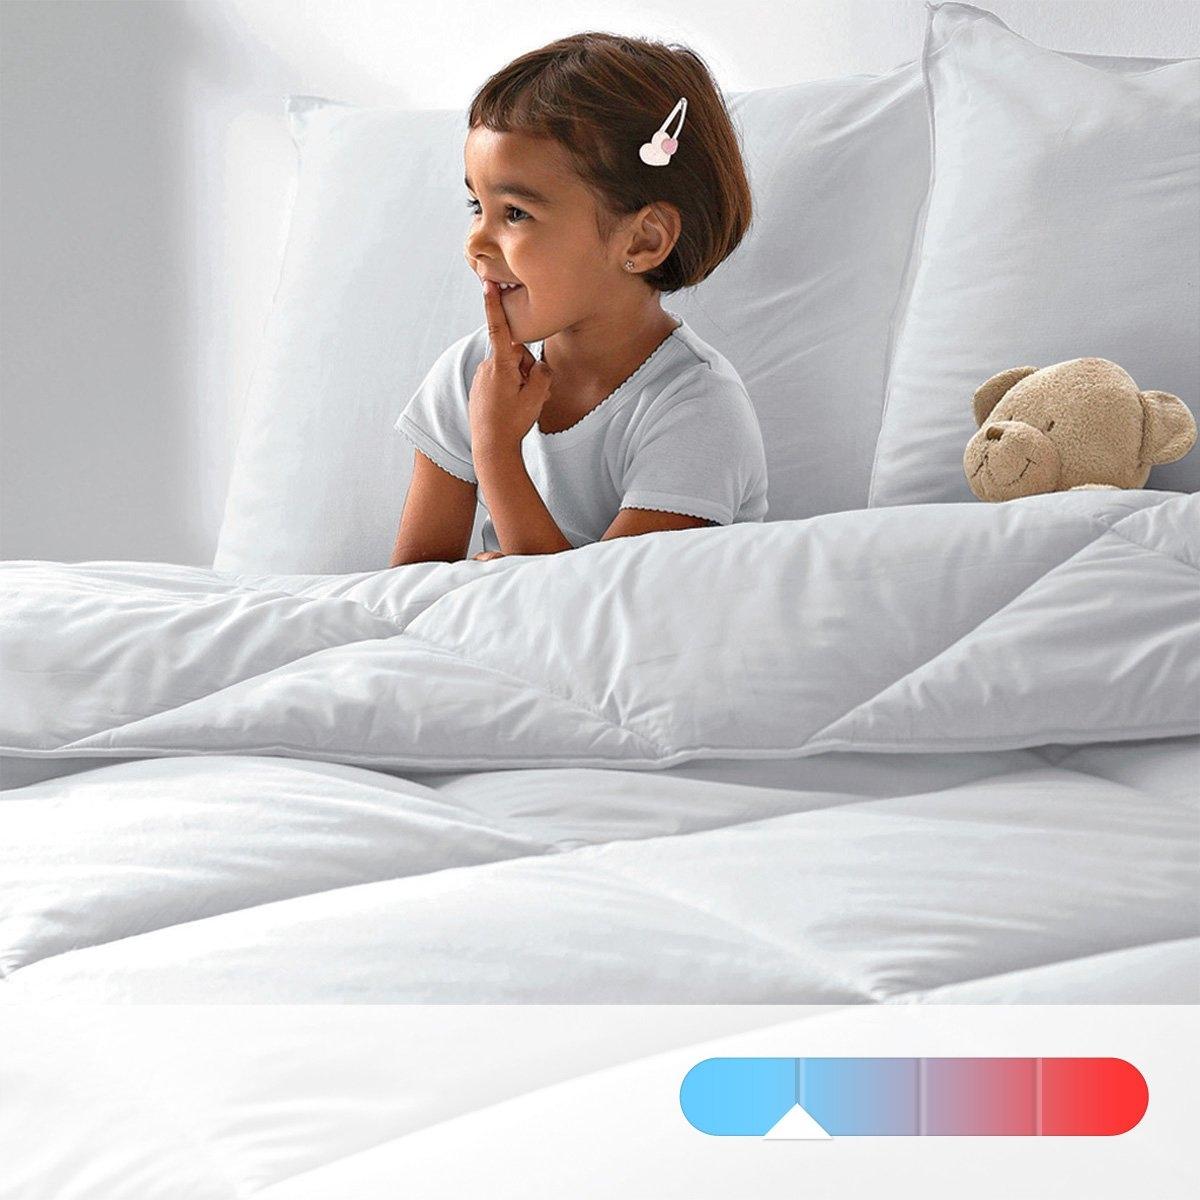 Одеяло синтетическое антибактериальное, с обработкой от клещей и плесени от La Redoute